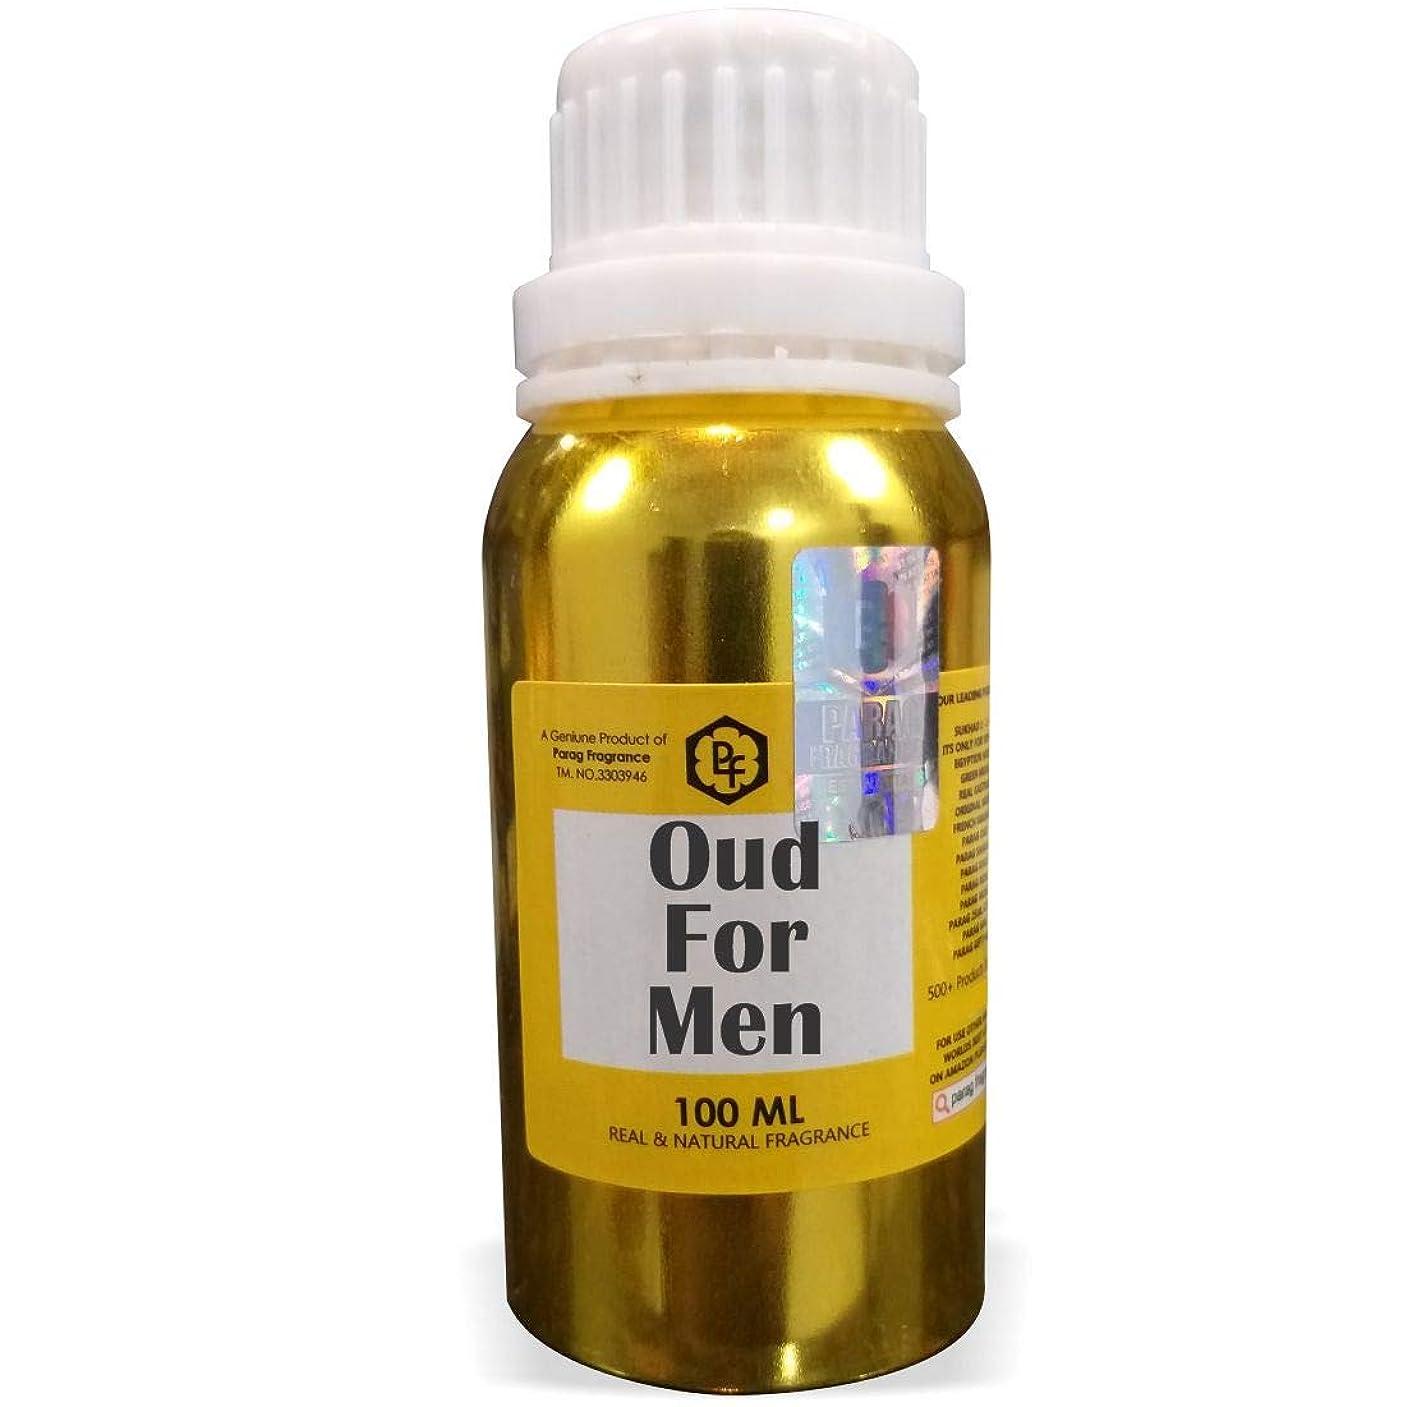 授業料扇動プライム男性アター100ミリリットル(男性用アルコールフリーアター)香油についてはParagフレグランスウード  香り  ITRA